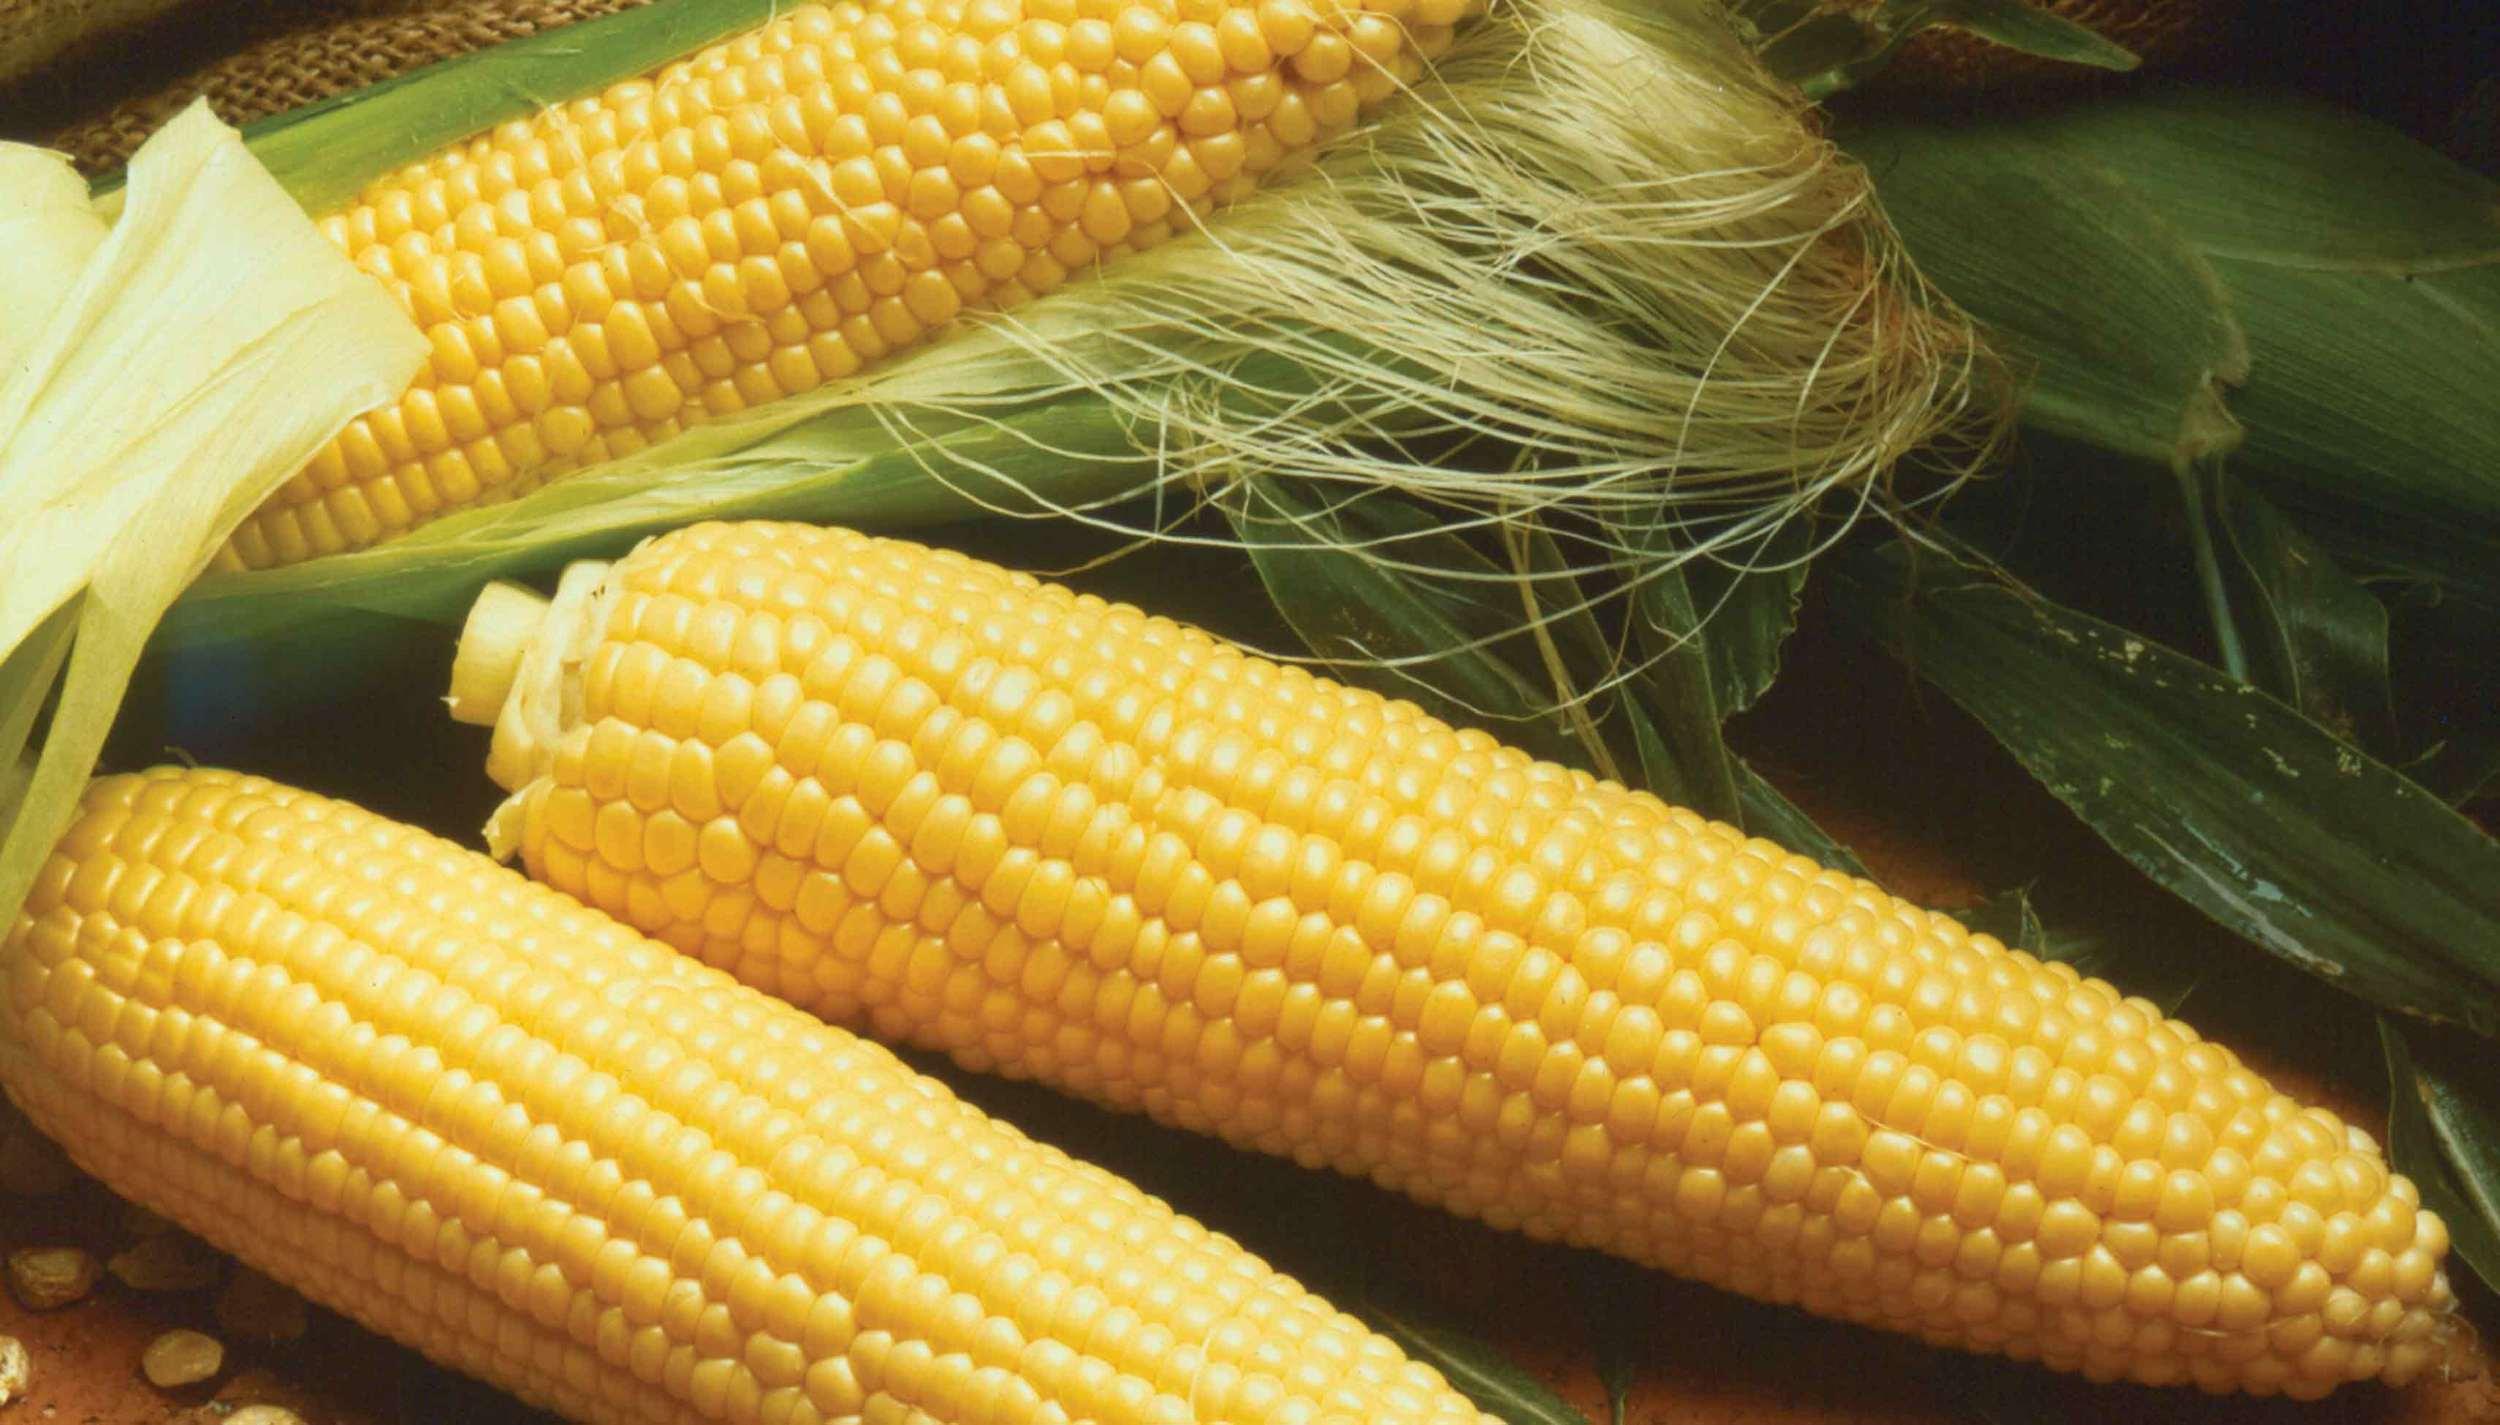 Sweet-corn-kandy-korn-seeds-edmonton-stalbert-yeg